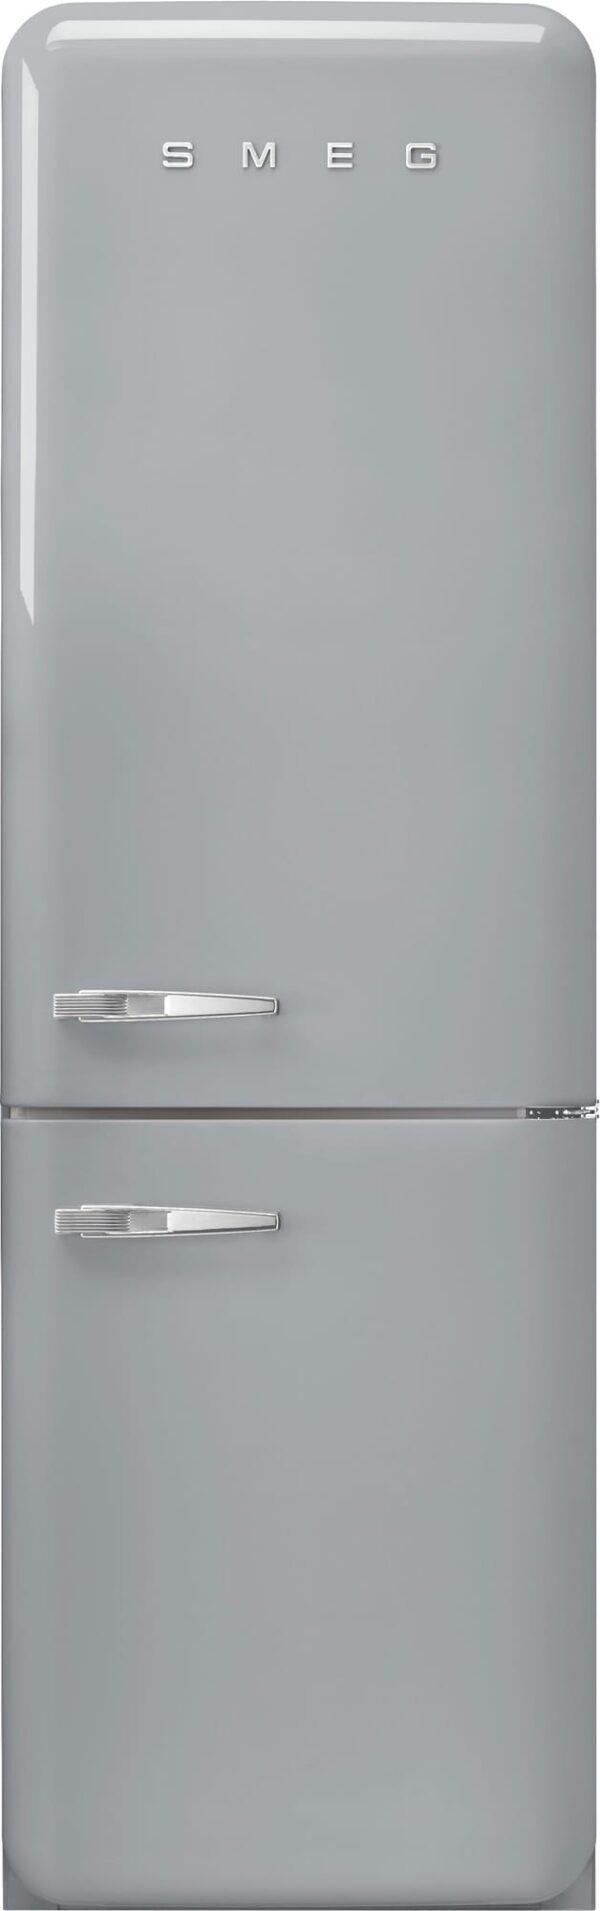 Smeg 50's Style kølefryseskab FAB32RSV5 (sølv)